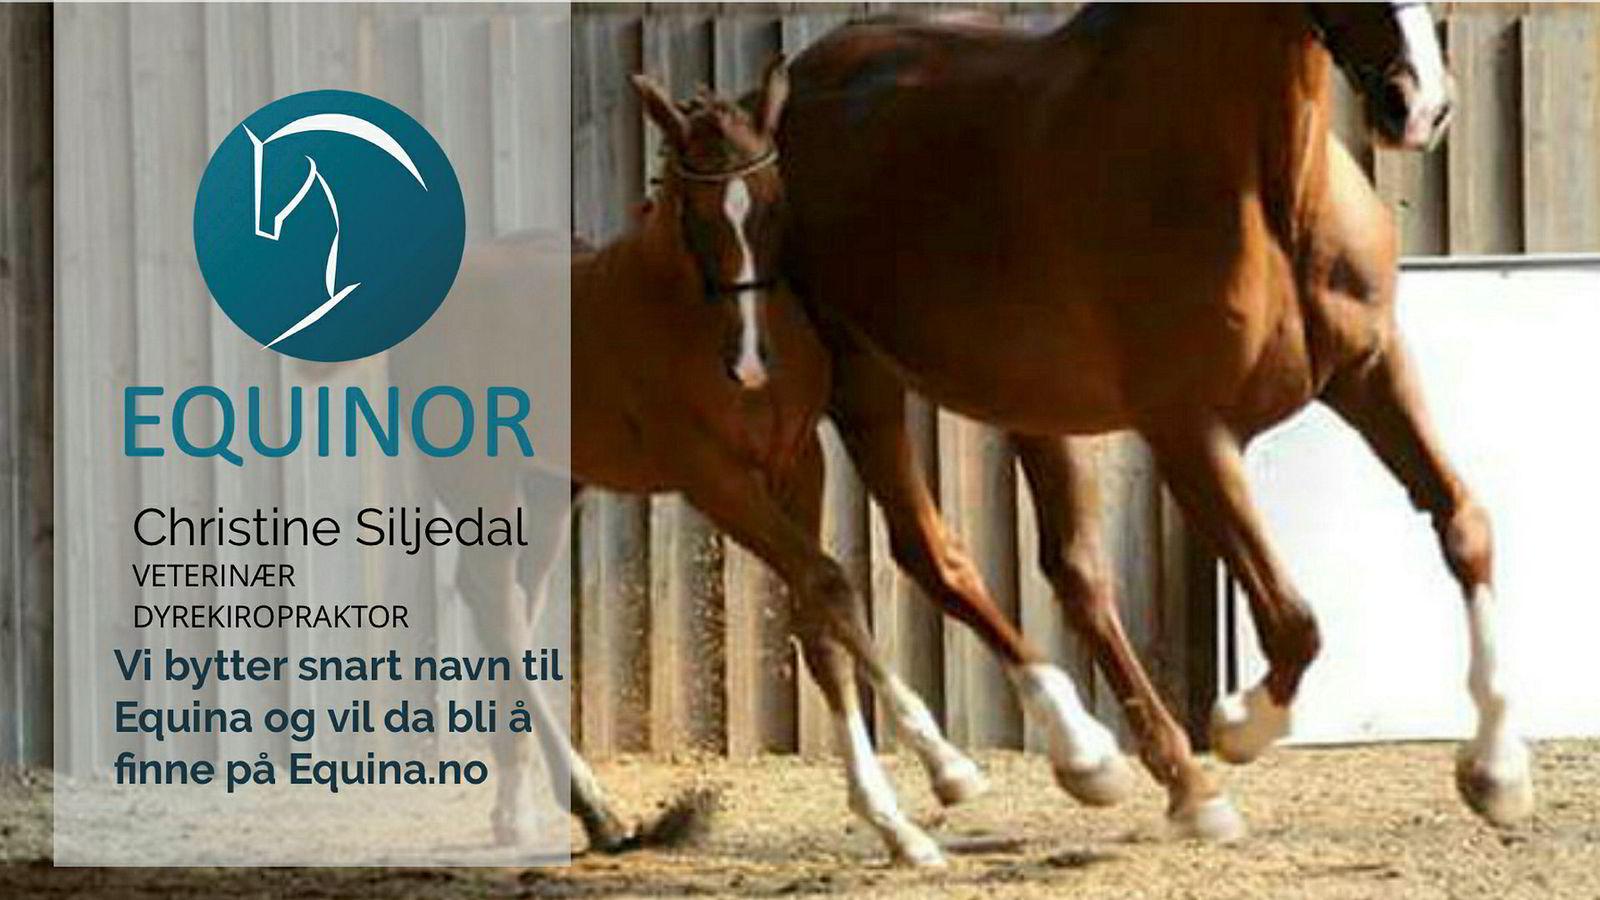 Skjermdump fra nettsiden Equinor.no, som er eid av hestekiropraktor Christine Siljedal Arnesen